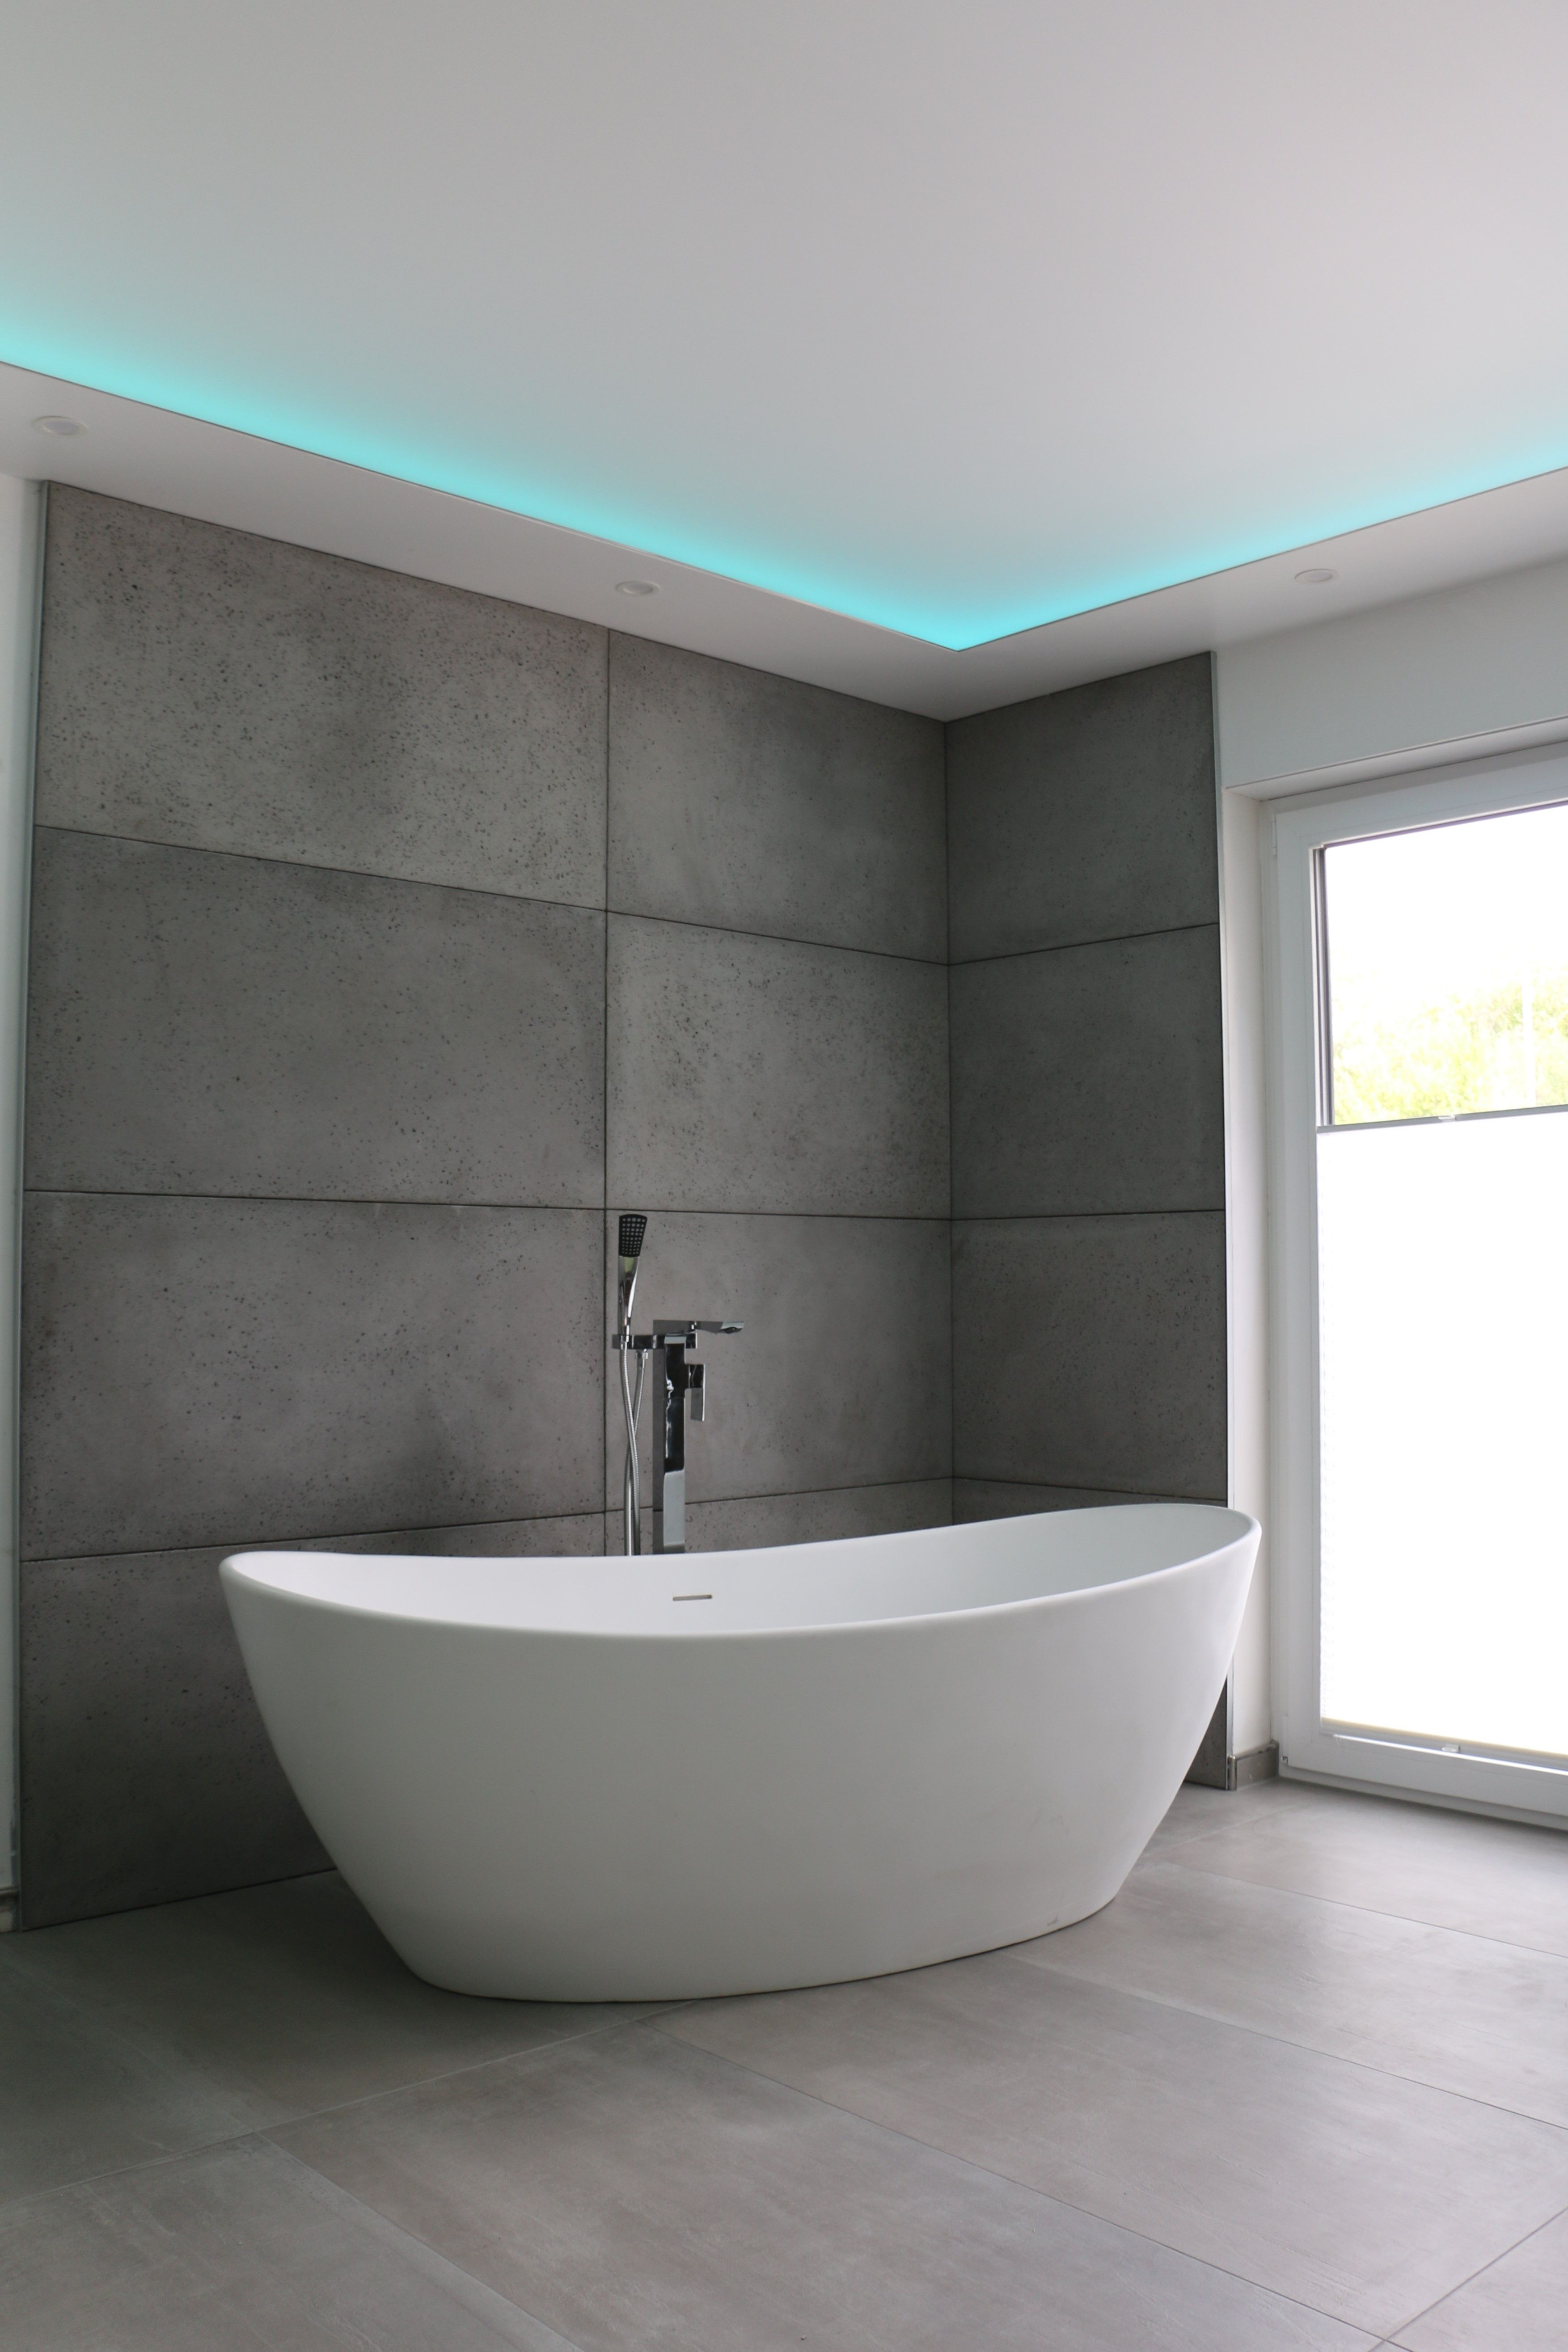 moderne badgestaltung betonplatten freistehende badewanne spanndecke matt mit indirekten. Black Bedroom Furniture Sets. Home Design Ideas